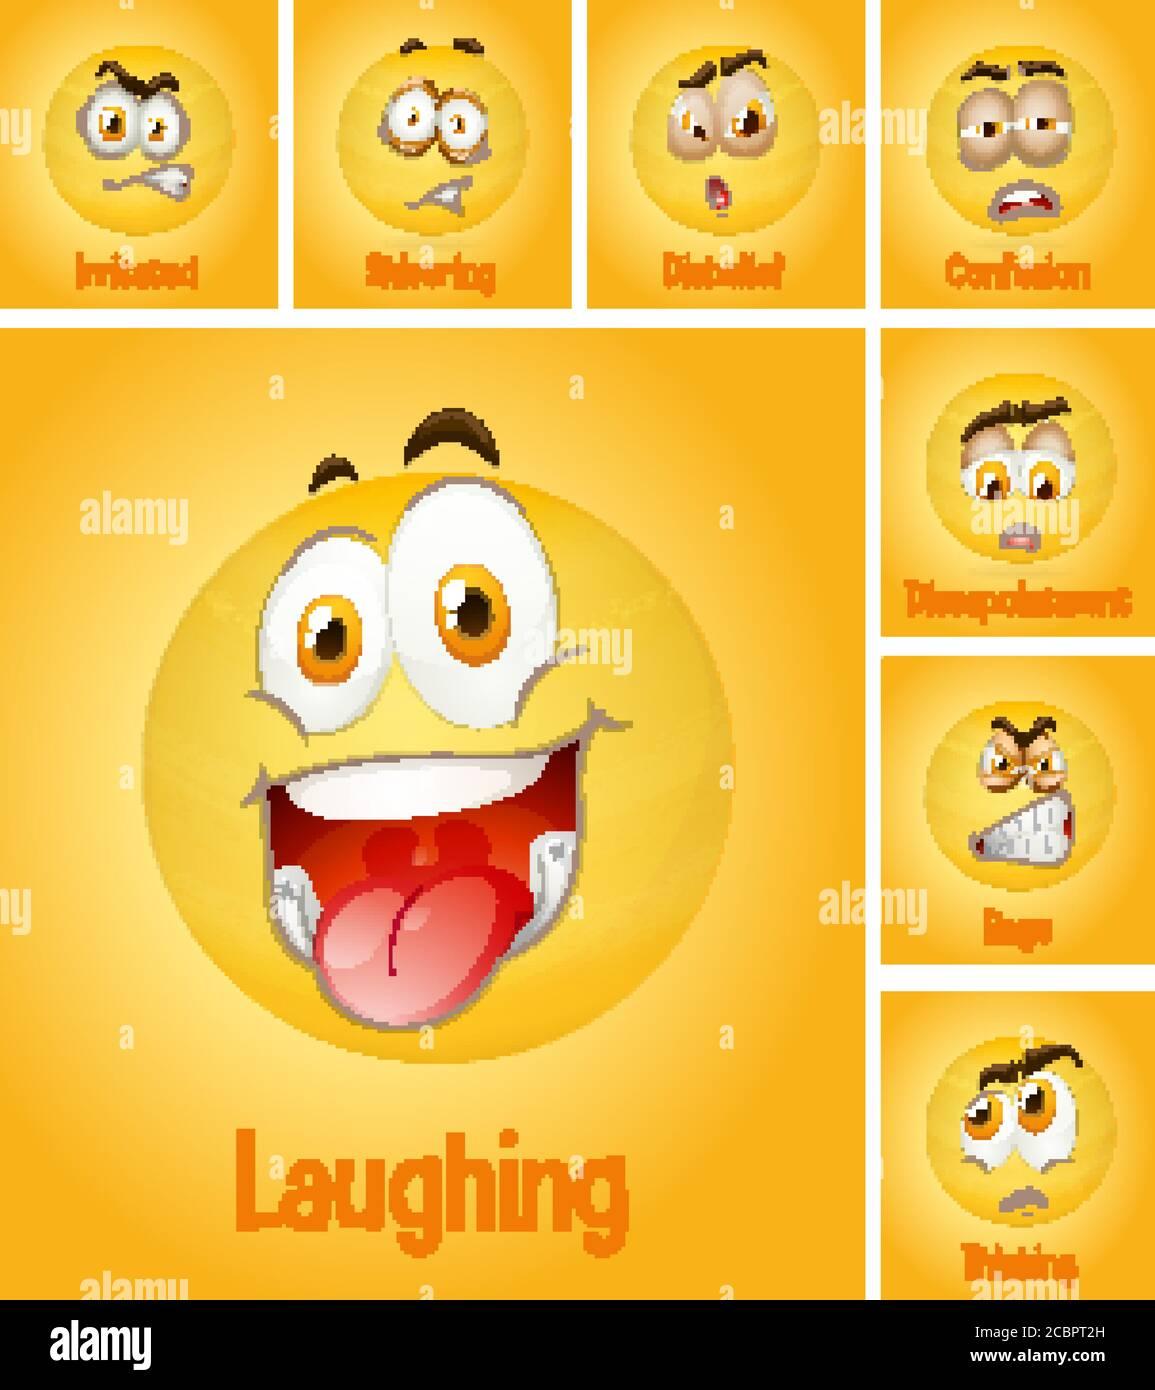 Thinking Emoji Glowing Eyes : thinking, emoji, glowing, Thinking, Emoji, Vector, Vectors, Resolution, Stock, Photography, Images, Alamy